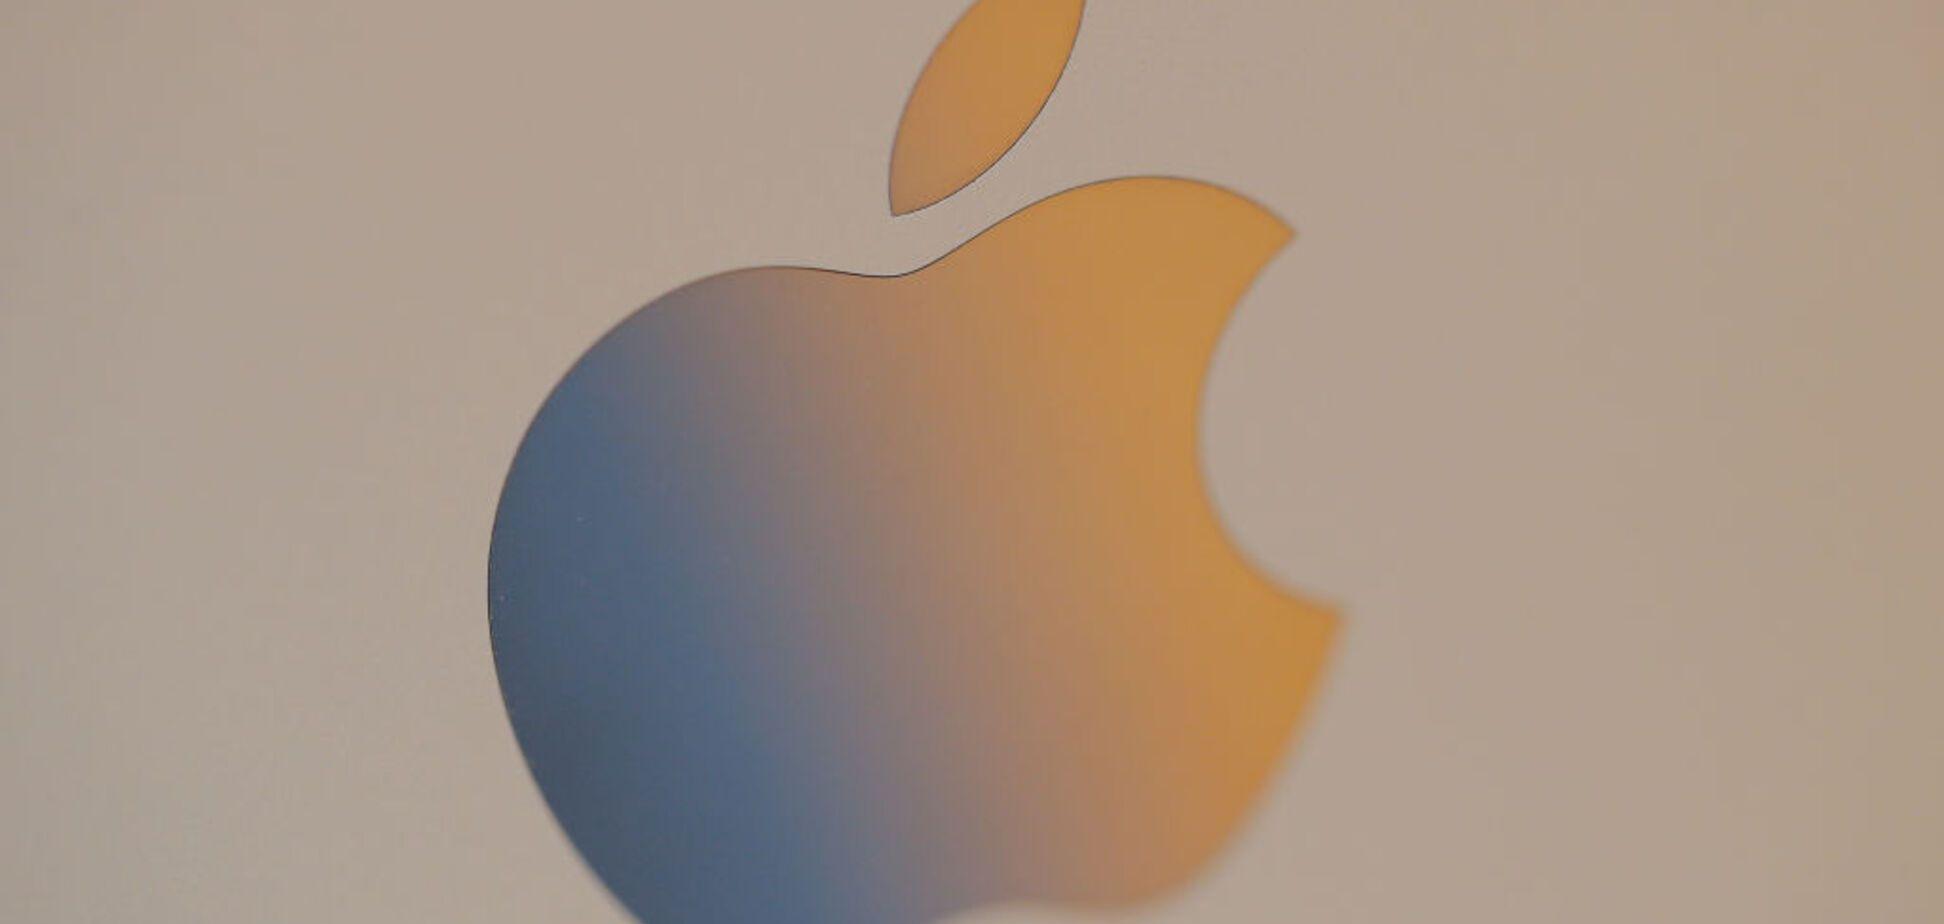 IPhone 8: що ж нового буде у смартфона